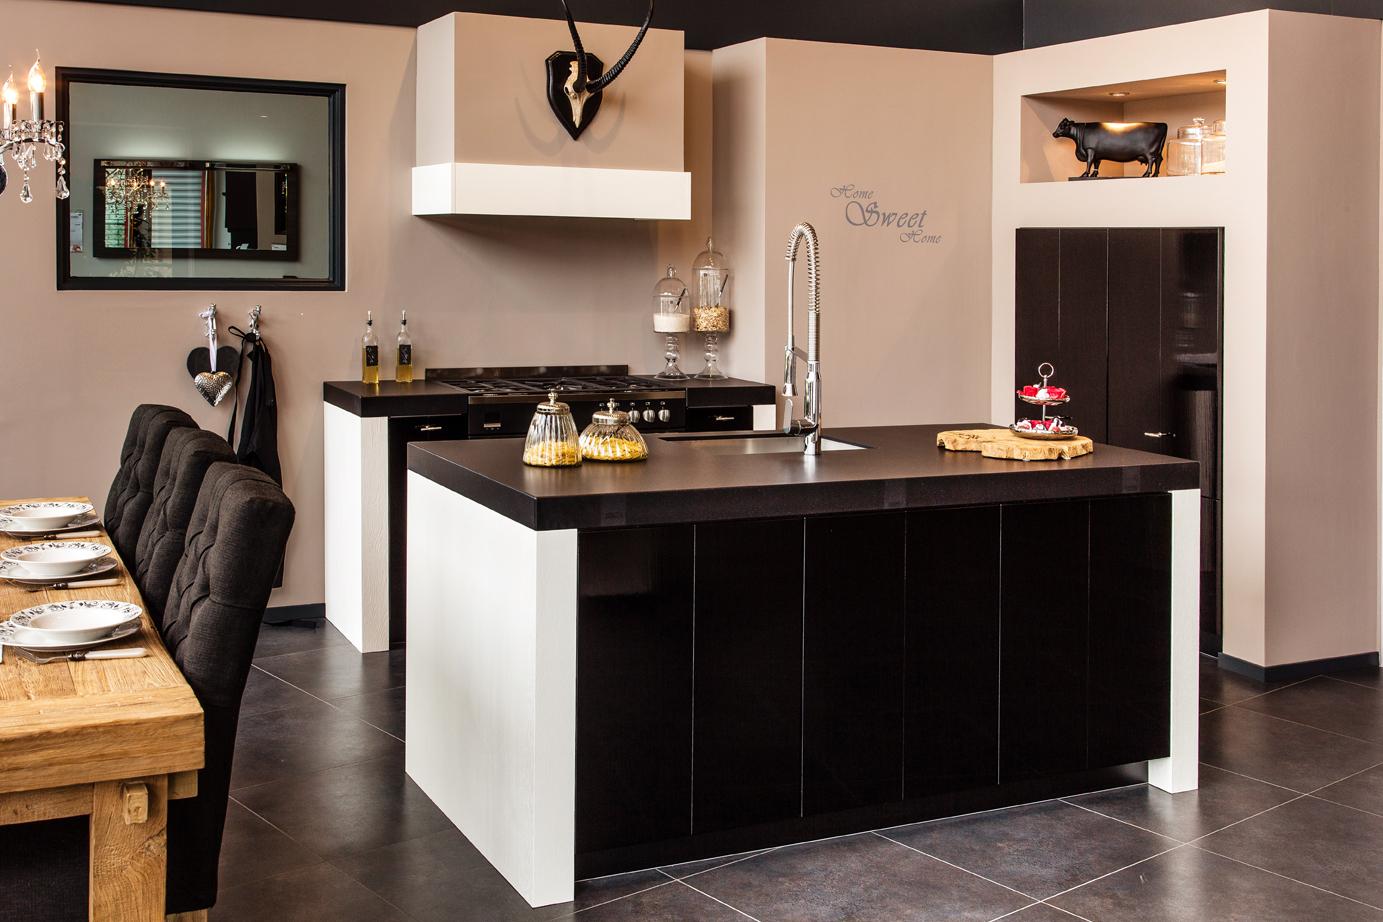 Grote Keuken Showroom : voordeel van showroomkeukens het grote voordeel van showroomkeukens is